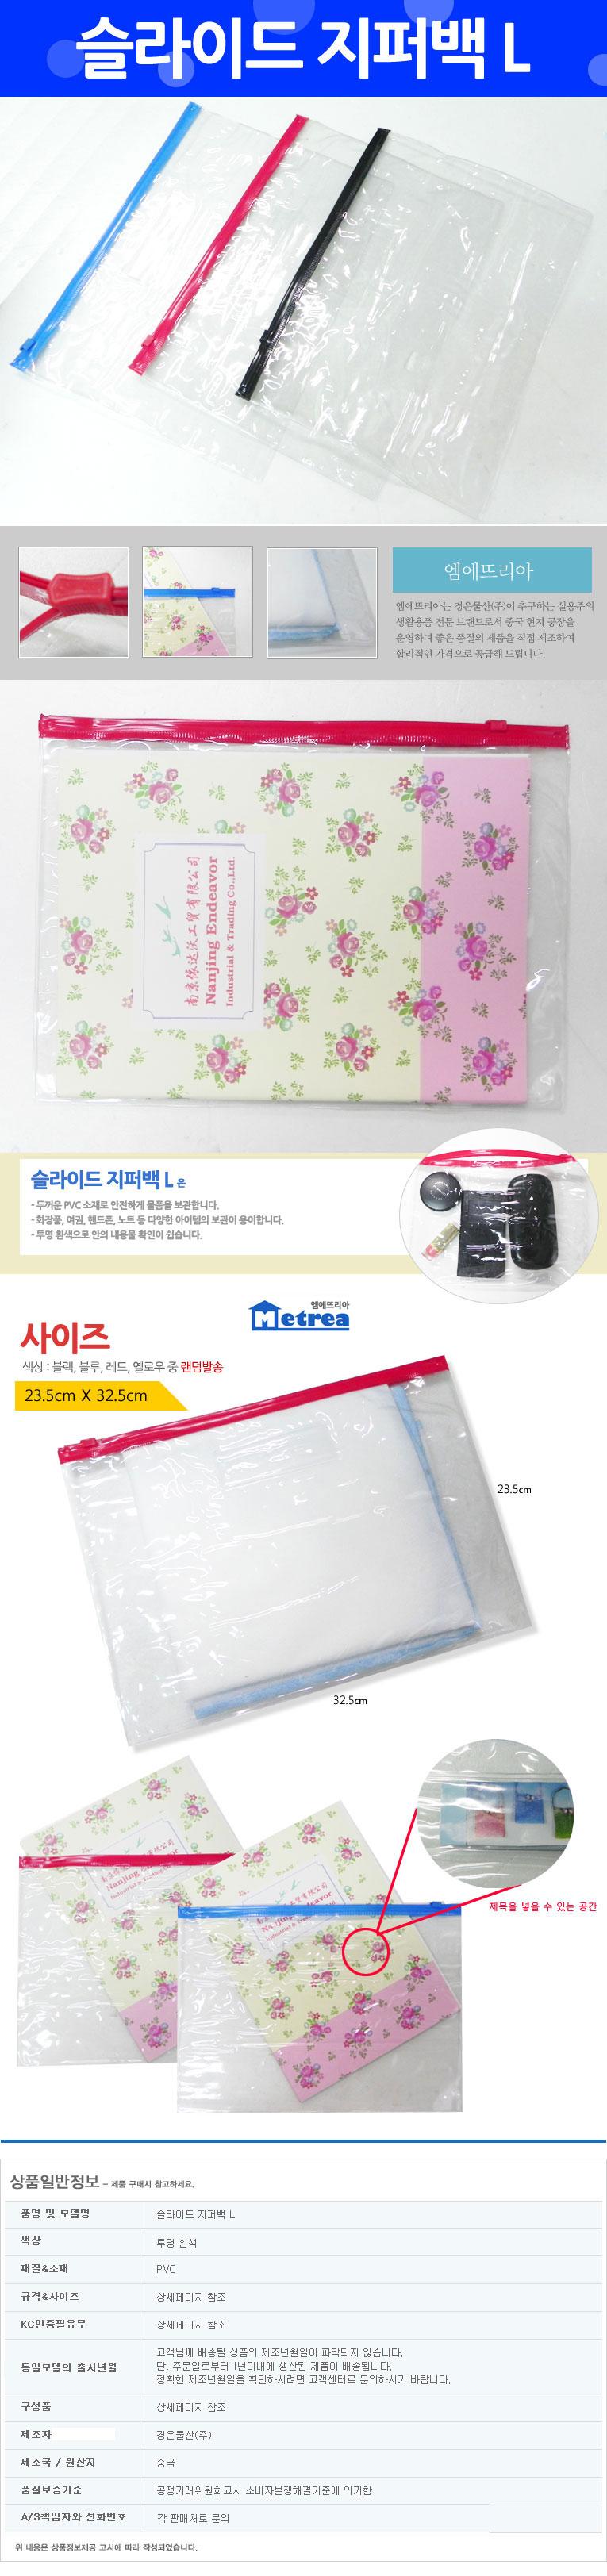 슬라이드 지퍼백 L - 생활통, 1,000원, 트래블팩단품, 지퍼/비닐백